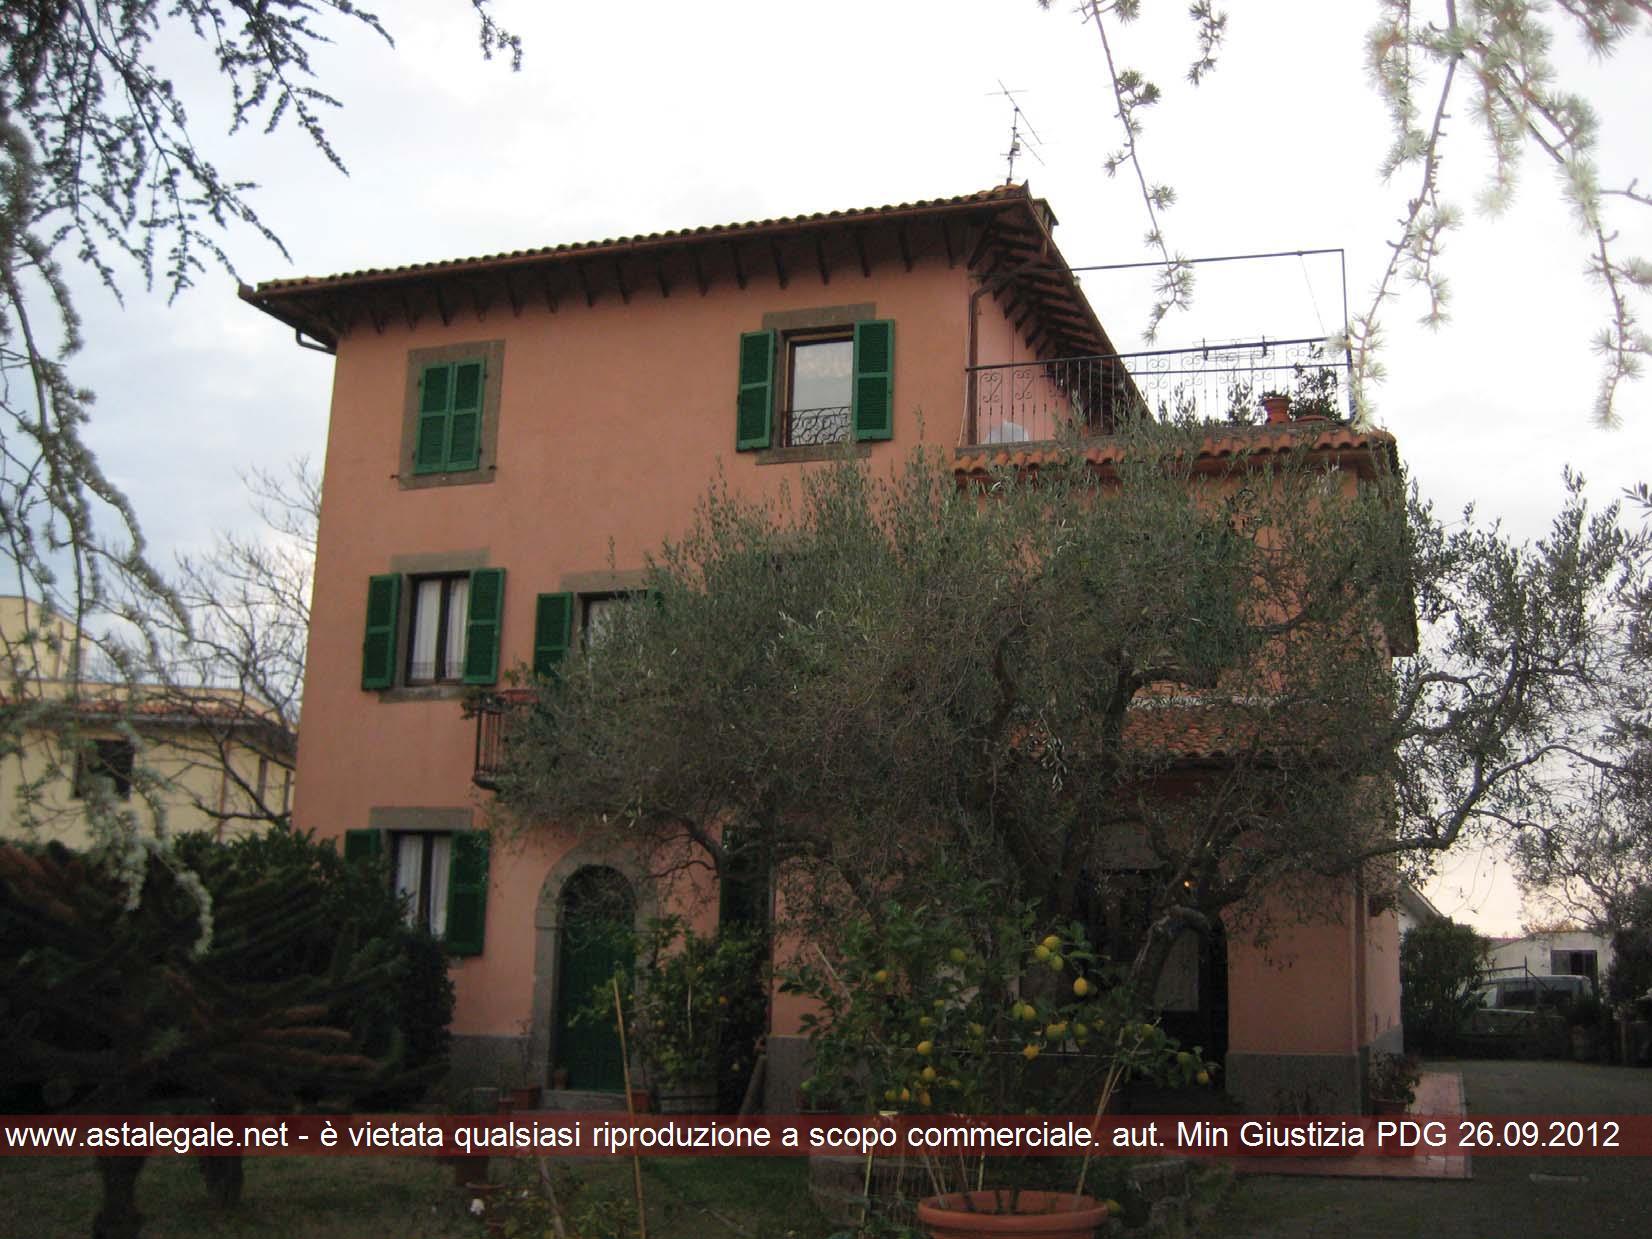 Viterbo (VT) Frazione Bagnaia - ex strada Ponte di Veiano snc - Via Matteo Giovannettl 6